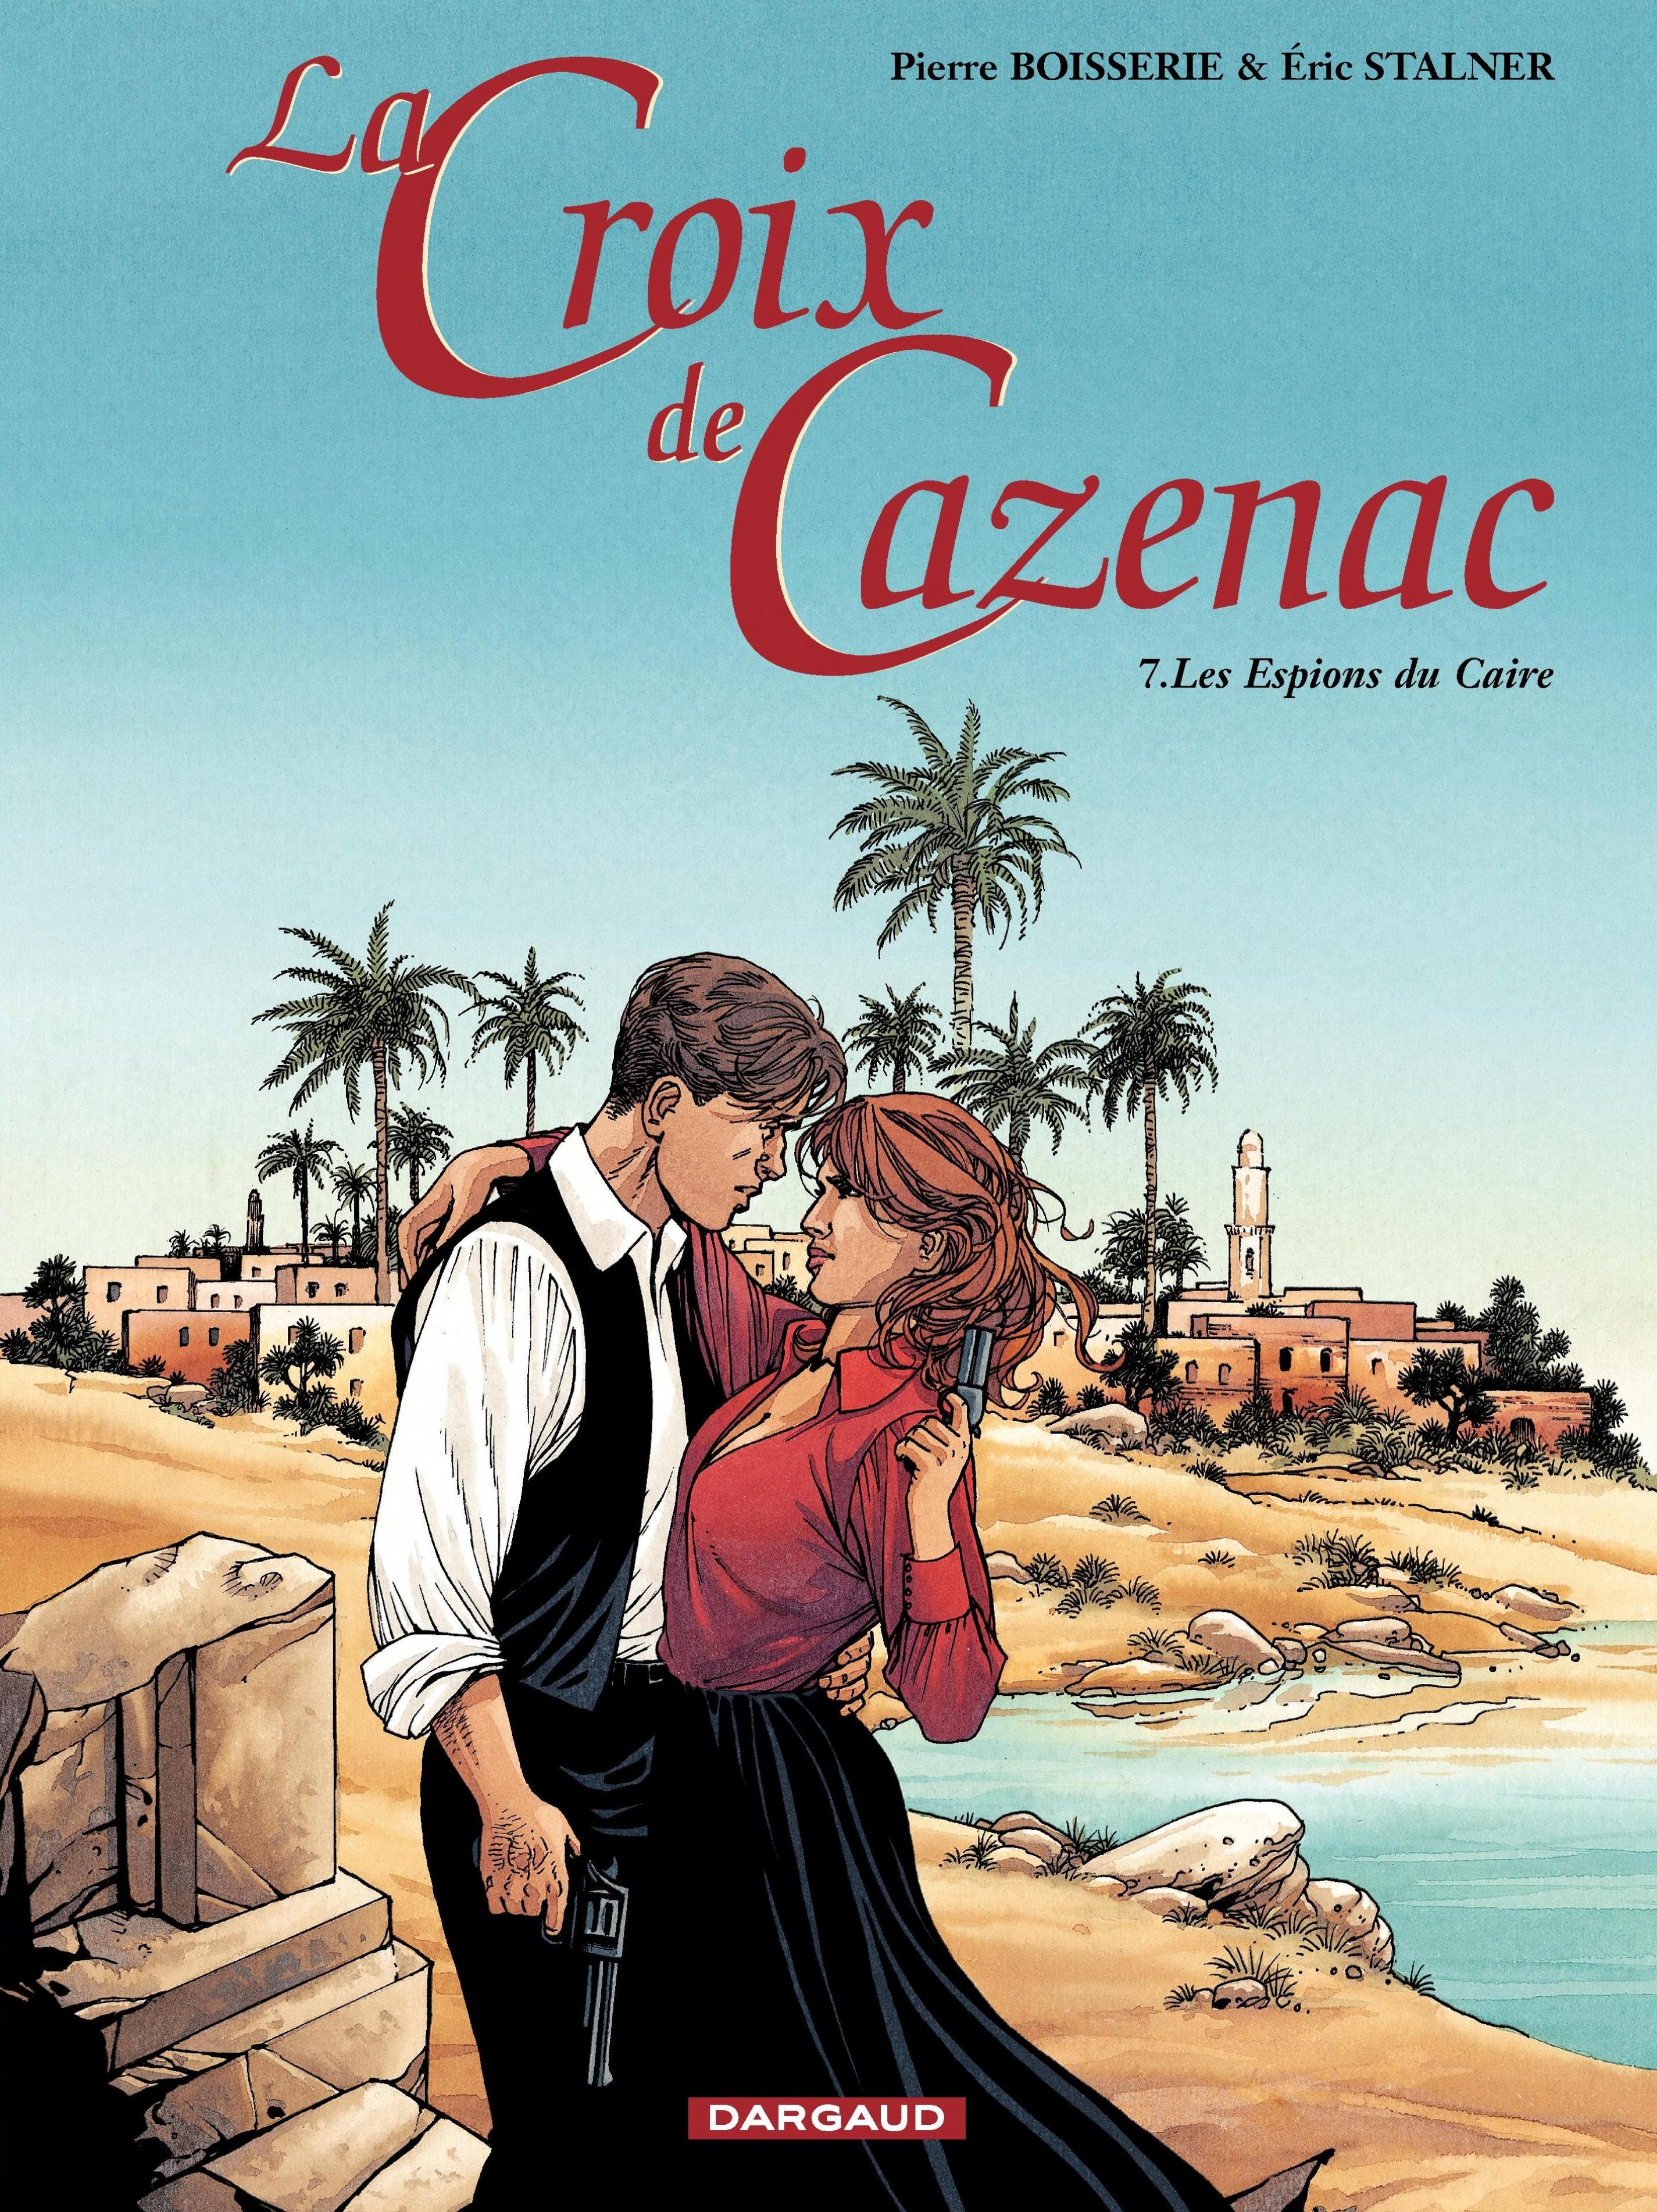 La Croix de Cazenac - Tome 7 - Espions du Caïre (Les)